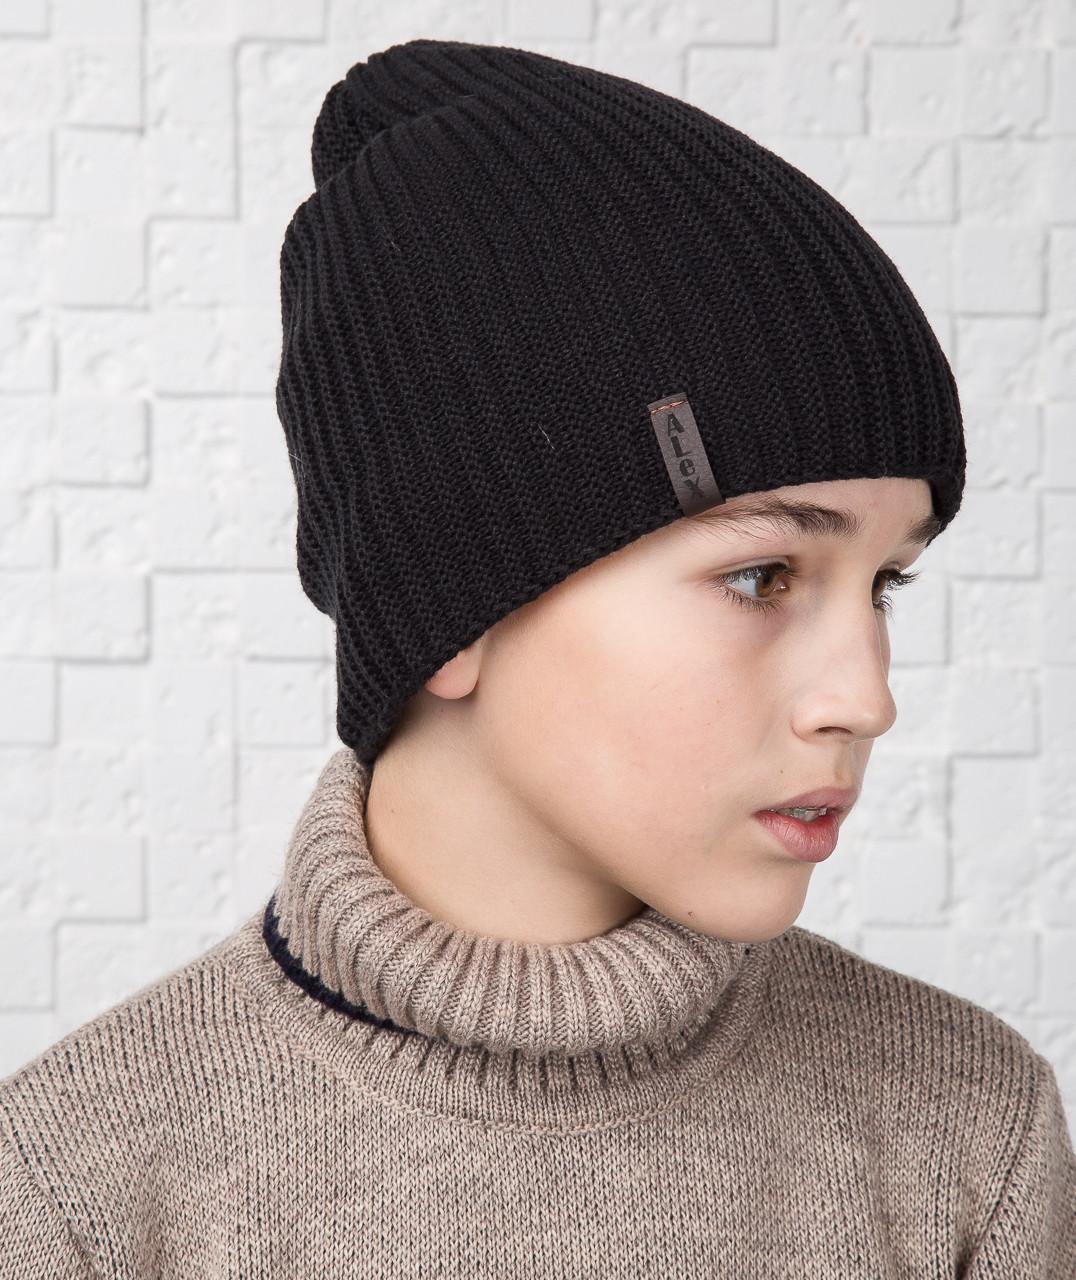 купить вязаную шапку для мальчика подростка колпак на 2 стороны артикул Al17027 по